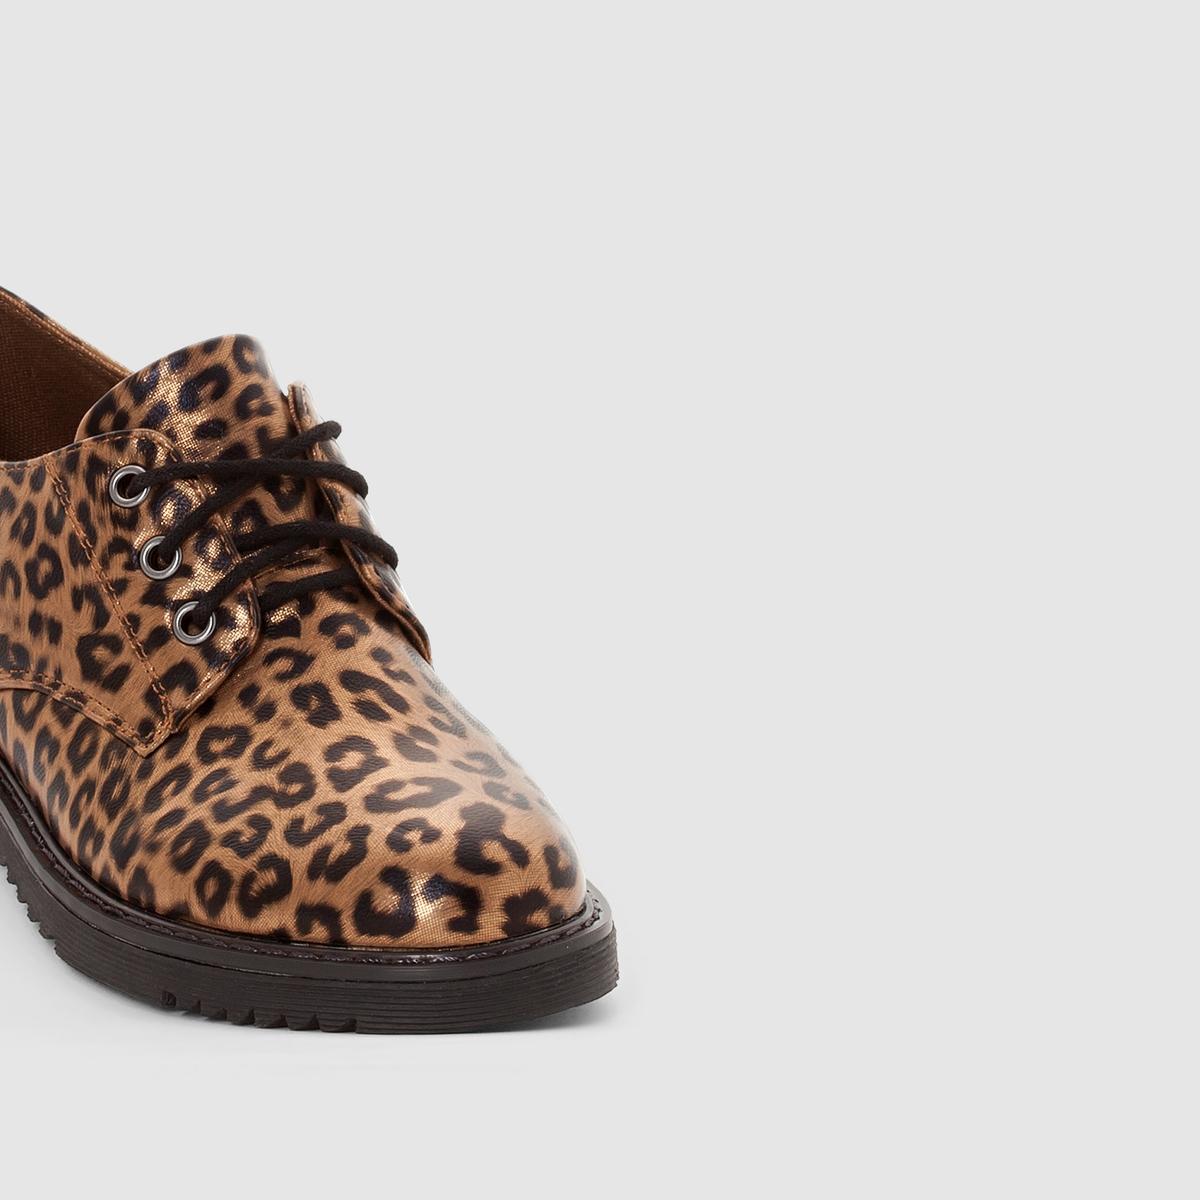 Ботинки-дерби с леопардовым рисунком